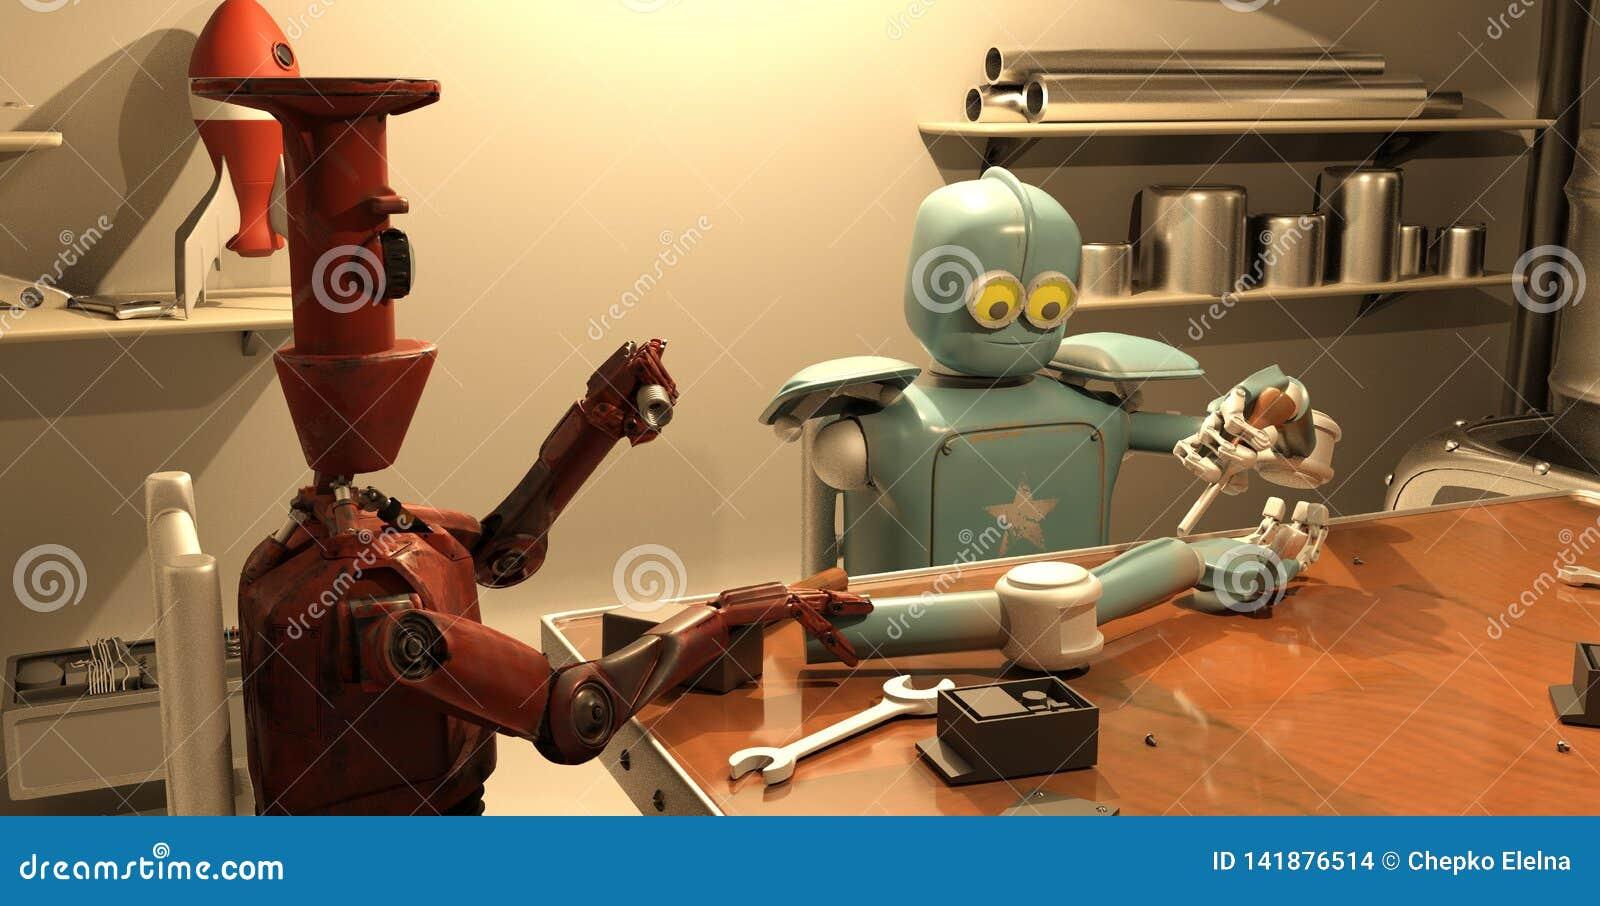 El robot retro está reparando su mano, representación 3d